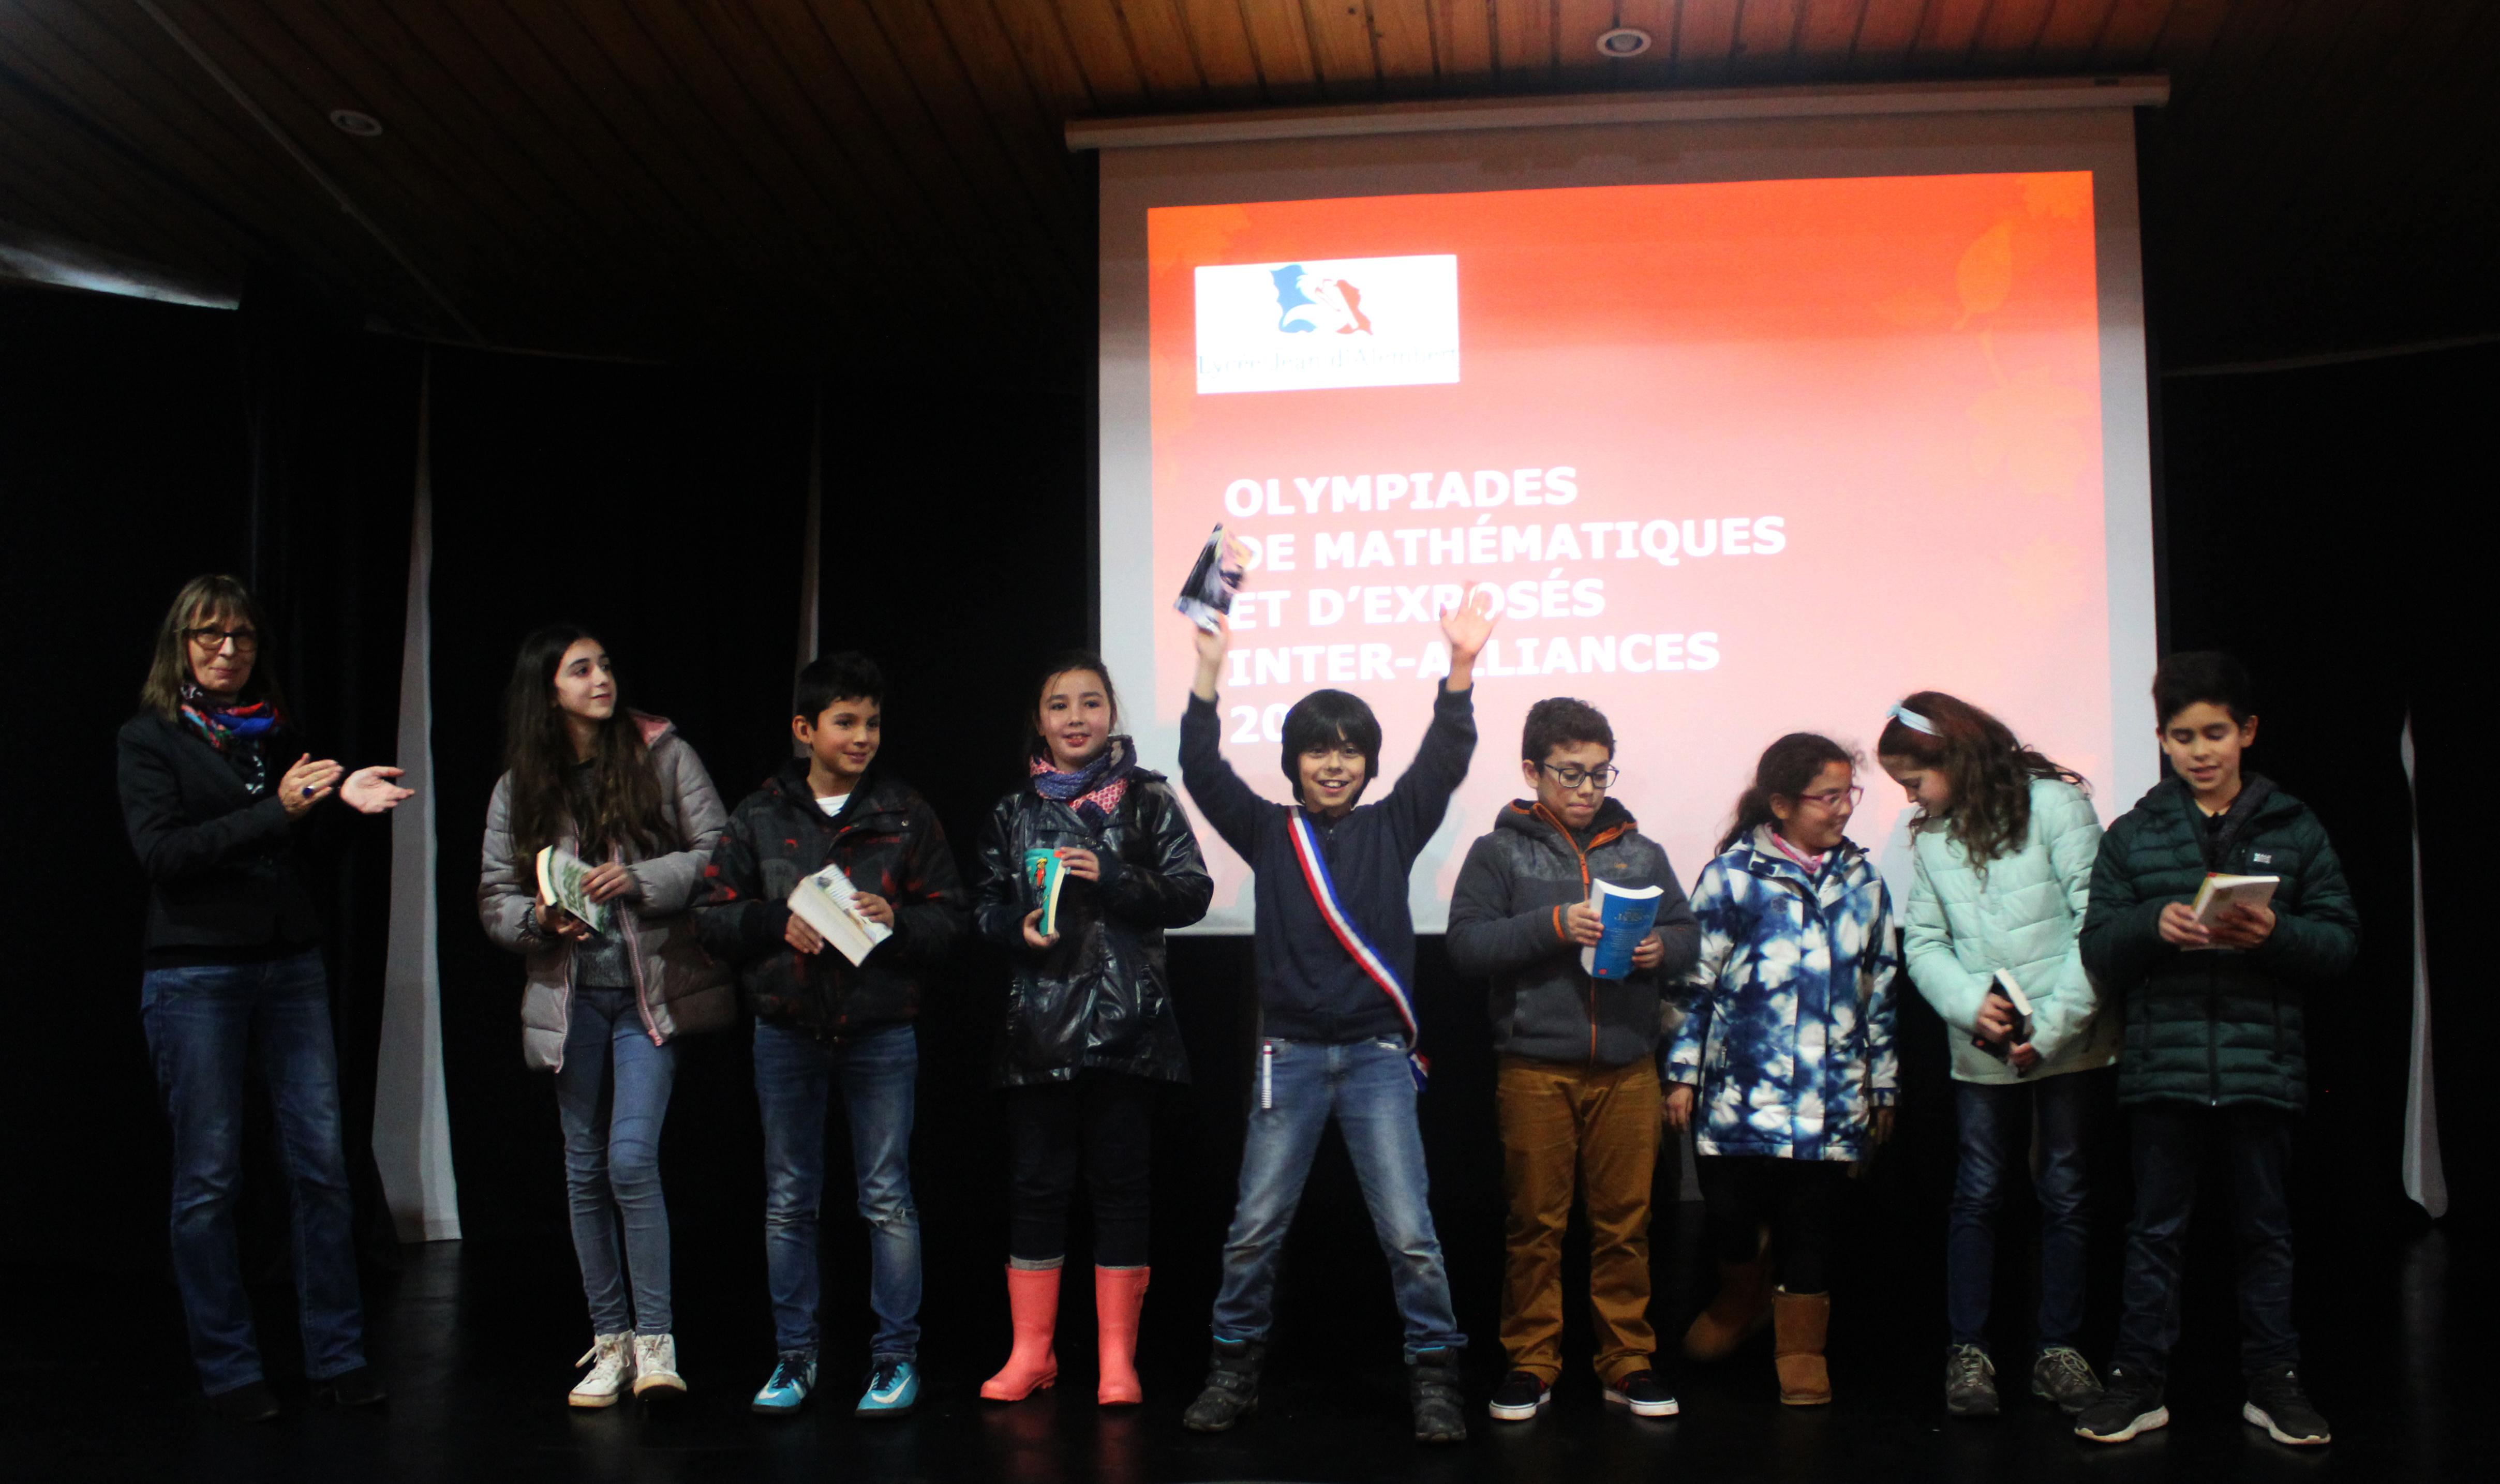 Prix remis aux élèves par notre Directrice du Primaire, Martine Paillard